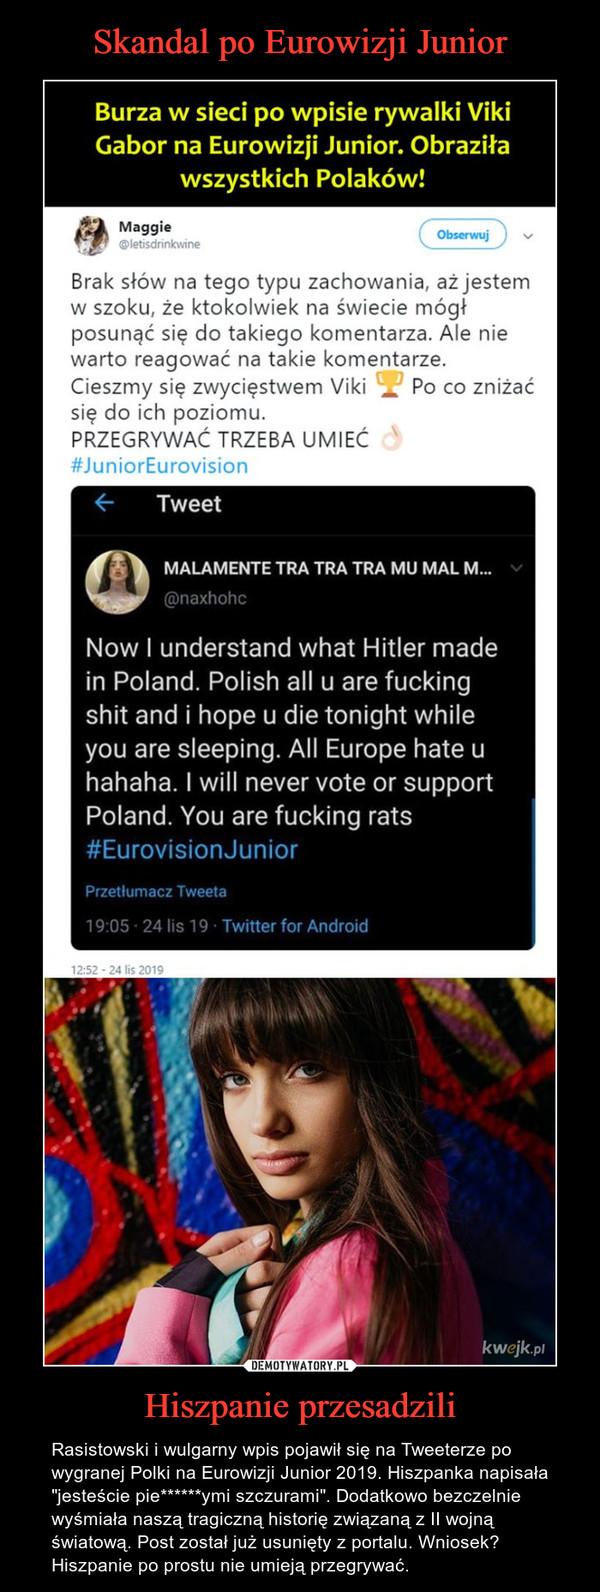 """Hiszpanie przesadzili – Rasistowski i wulgarny wpis pojawił się na Tweeterze po wygranej Polki na Eurowizji Junior 2019. Hiszpanka napisała """"jesteście pie******ymi szczurami"""". Dodatkowo bezczelnie wyśmiała naszą tragiczną historię związaną z II wojną światową. Post został już usunięty z portalu. Wniosek? Hiszpanie po prostu nie umieją przegrywać."""